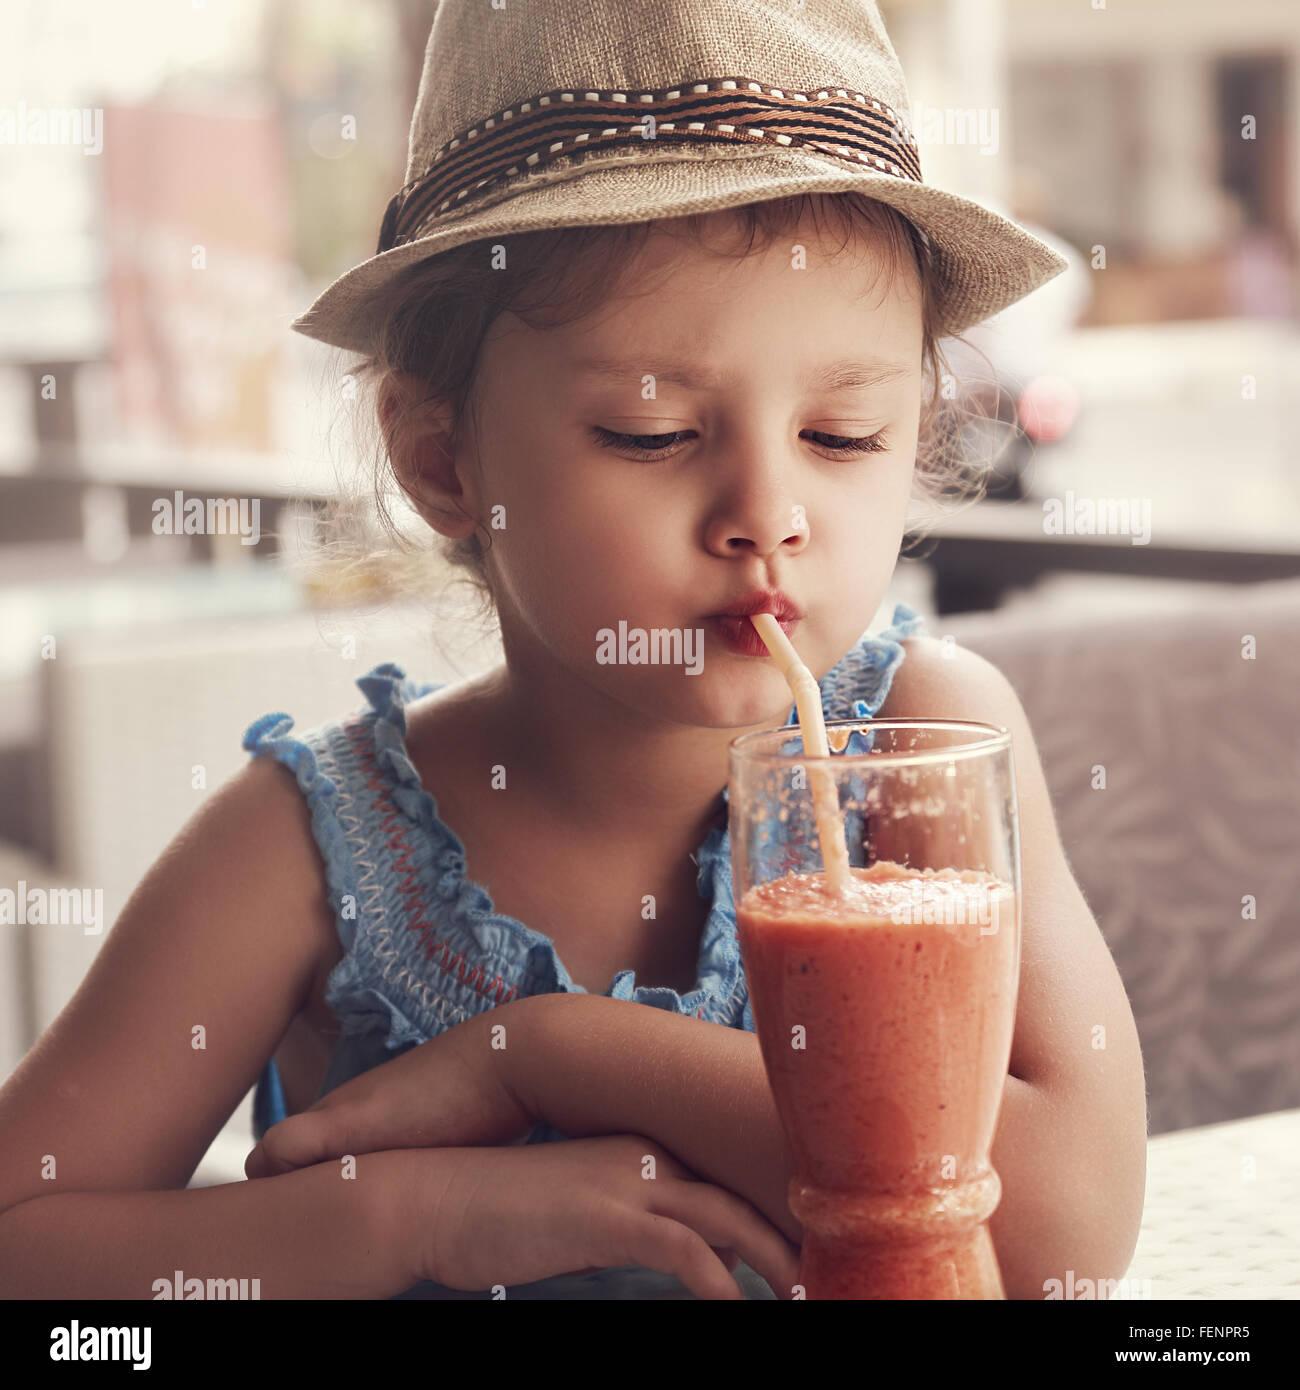 Spaß Kind Mädchen mit Hut Smoothie Saft aus Glas in der Straße die Stadt Café trinken. Getönten Stockbild